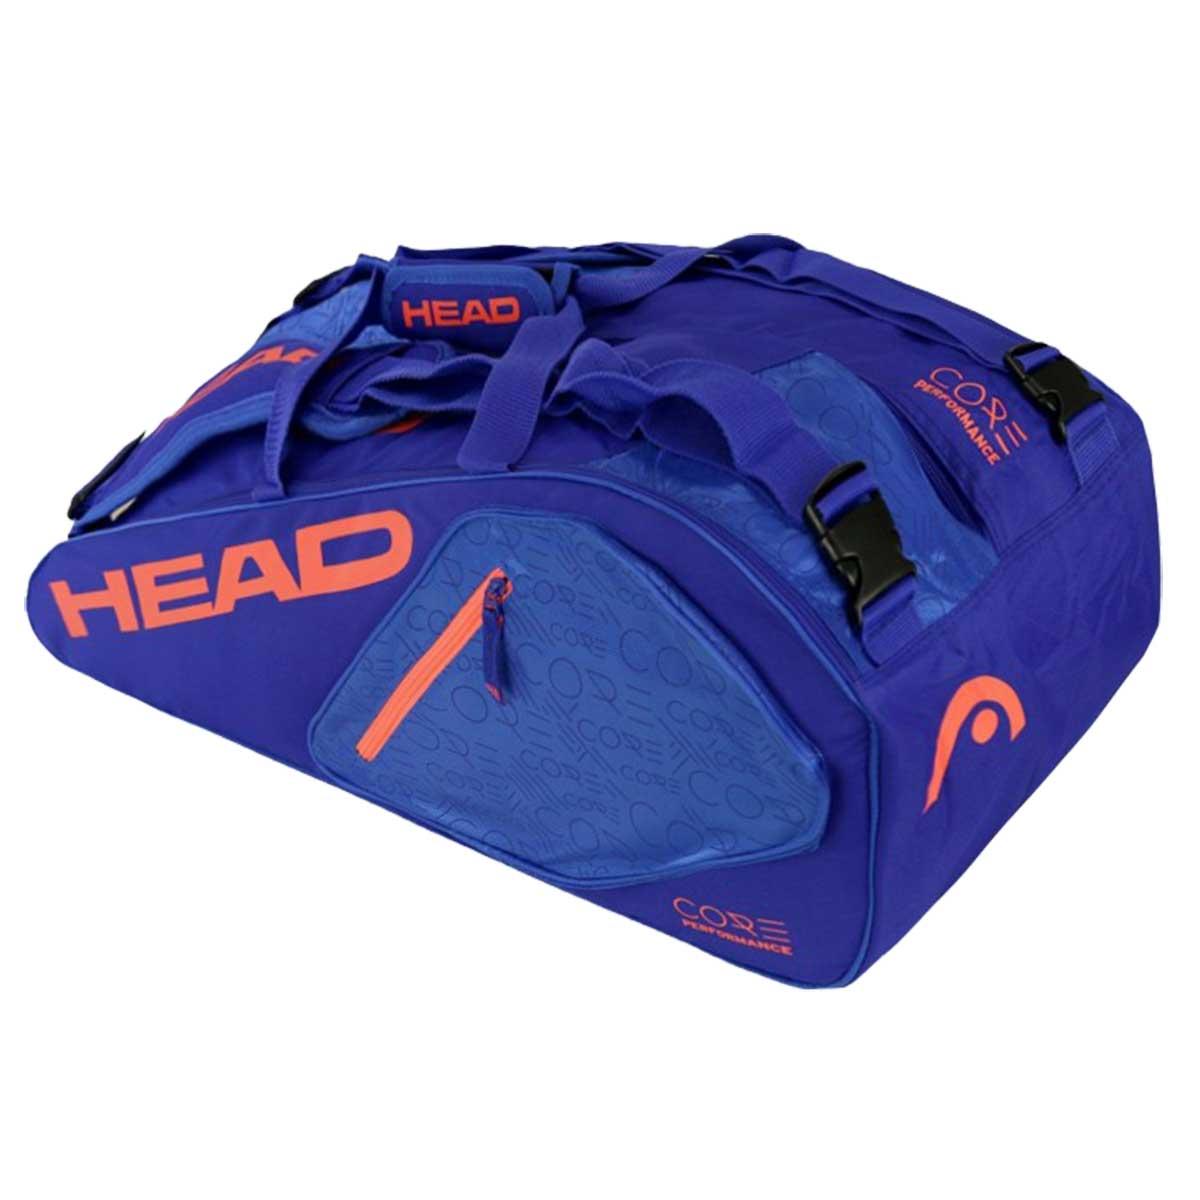 a71f98878ec2 Head Core Super Combi 9R Tennis Kit Bag (Blue)